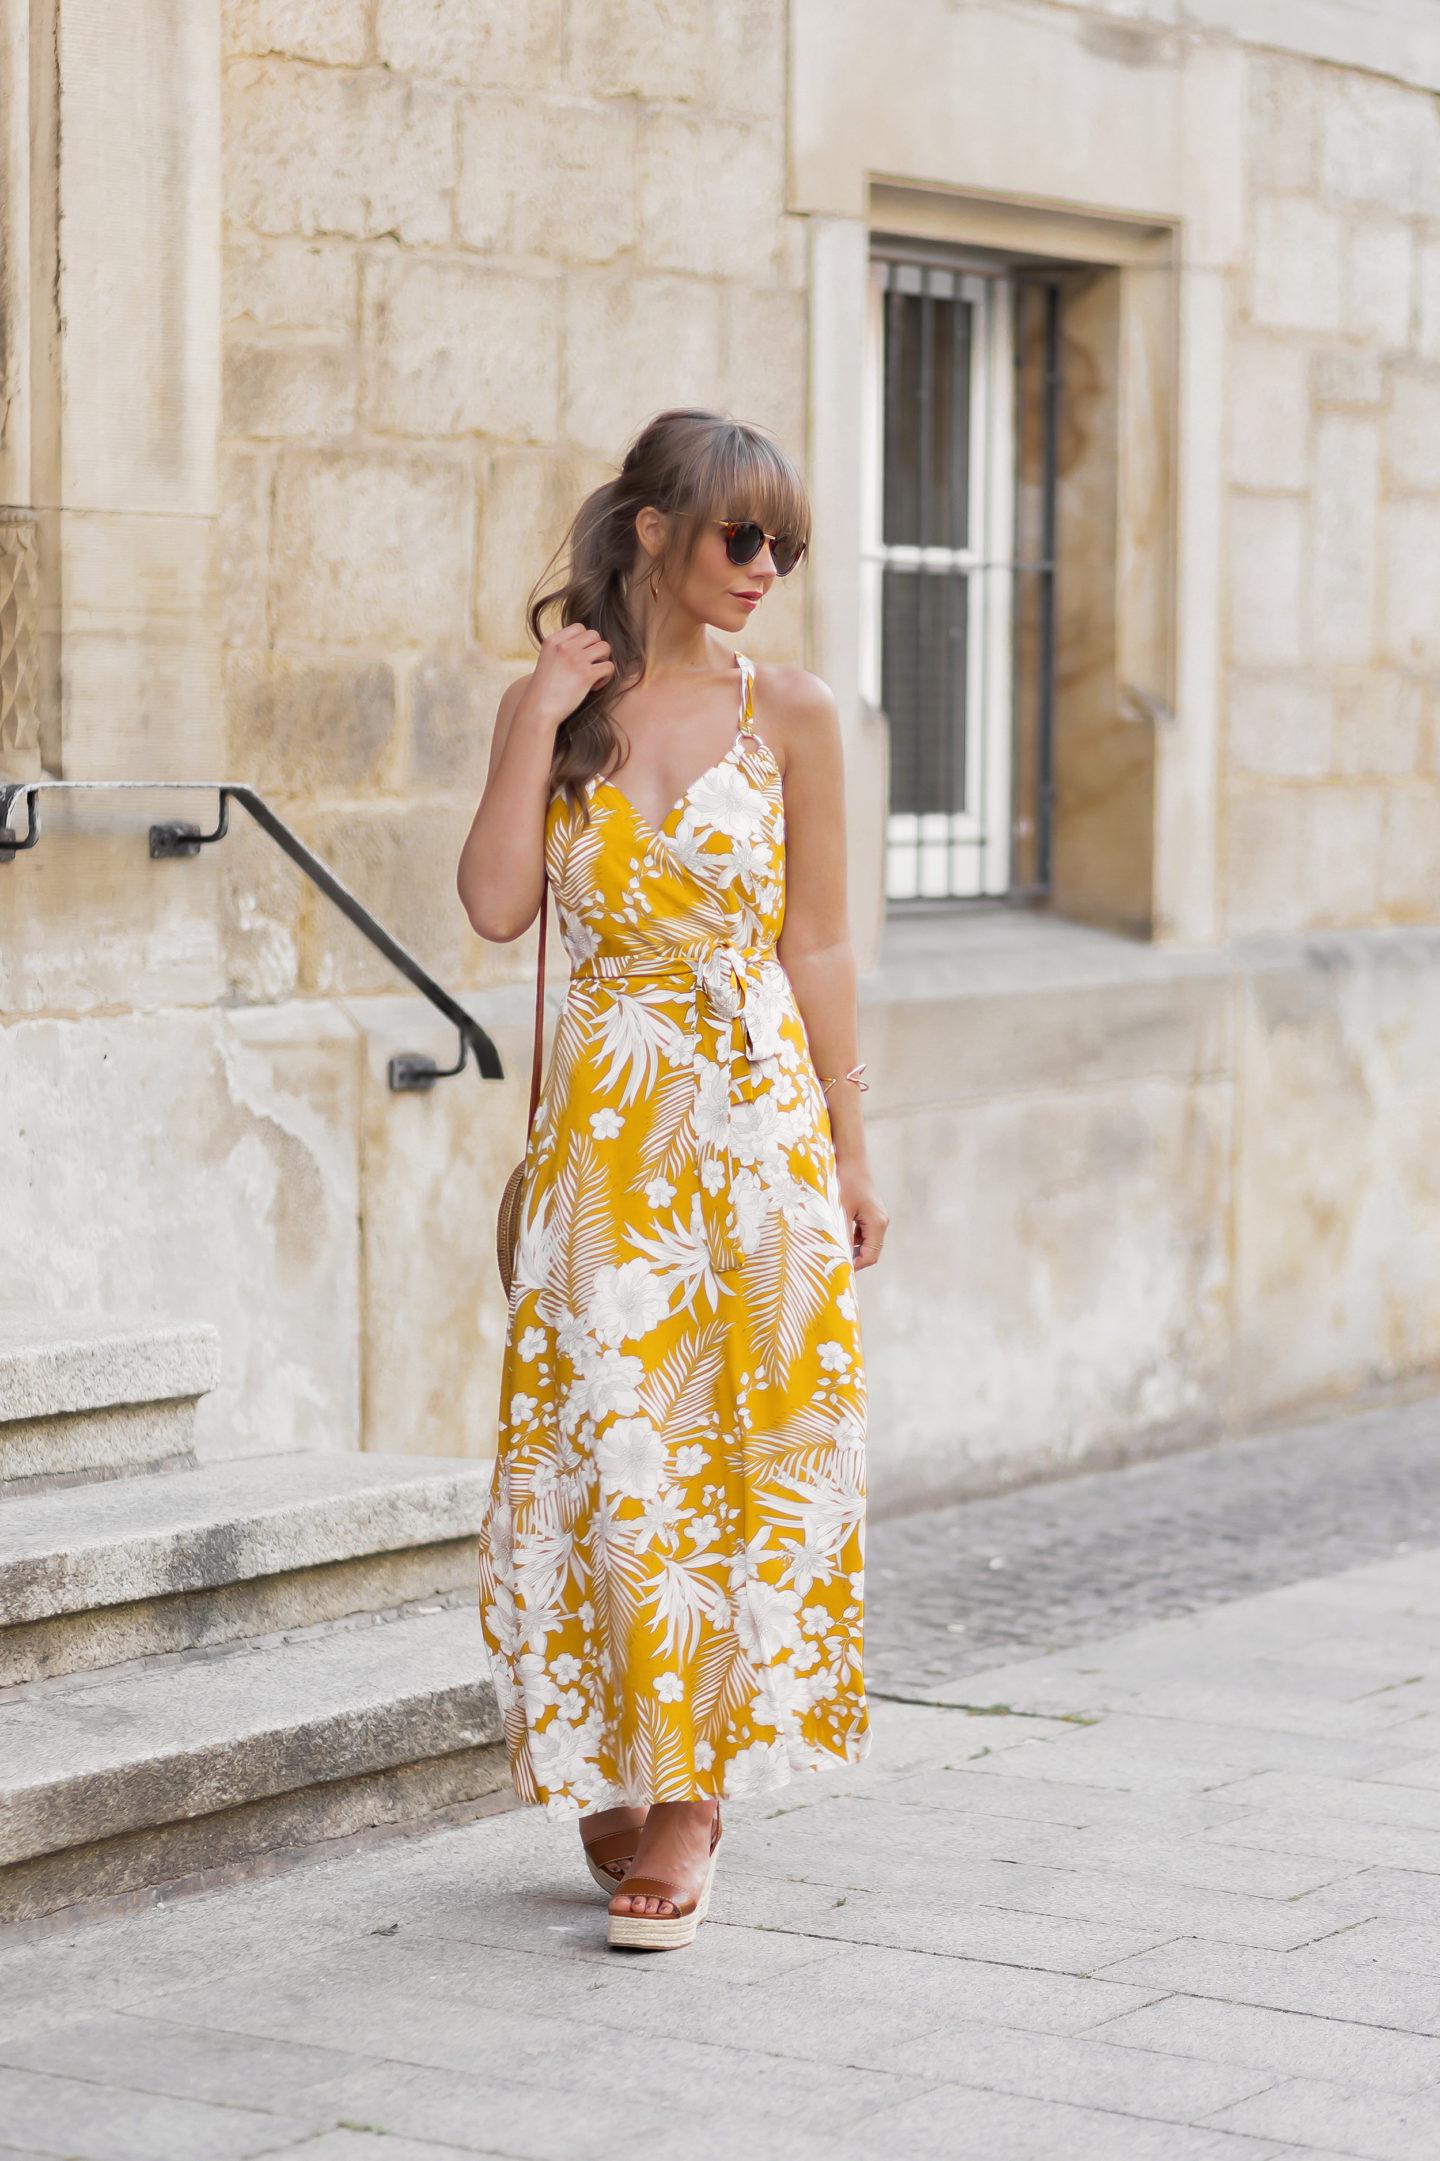 Styling-Tipps für Maxikleider im Sommer, Maxikleider Trends 2020, Welches Maxikleid passt zu meiner Figur?, gelbes Kleid, Kleid mit Blumenmuster, bezauberndenana.de